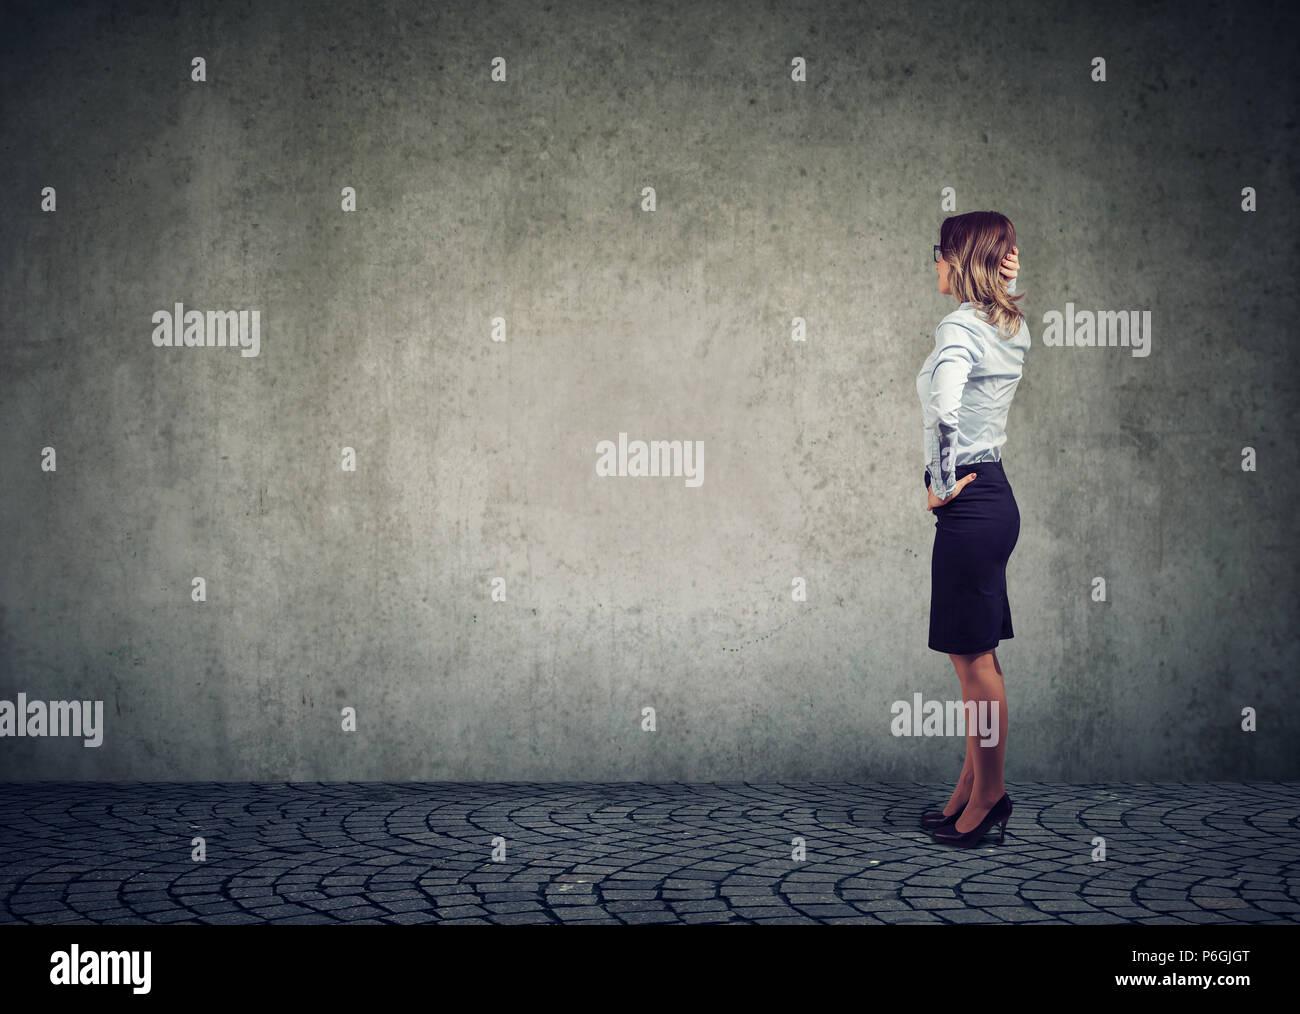 Seitenansicht des geschäftsfrau vor einer grauen Wand und Kontemplation in der Bemühung, Problem zu lösen Stockbild